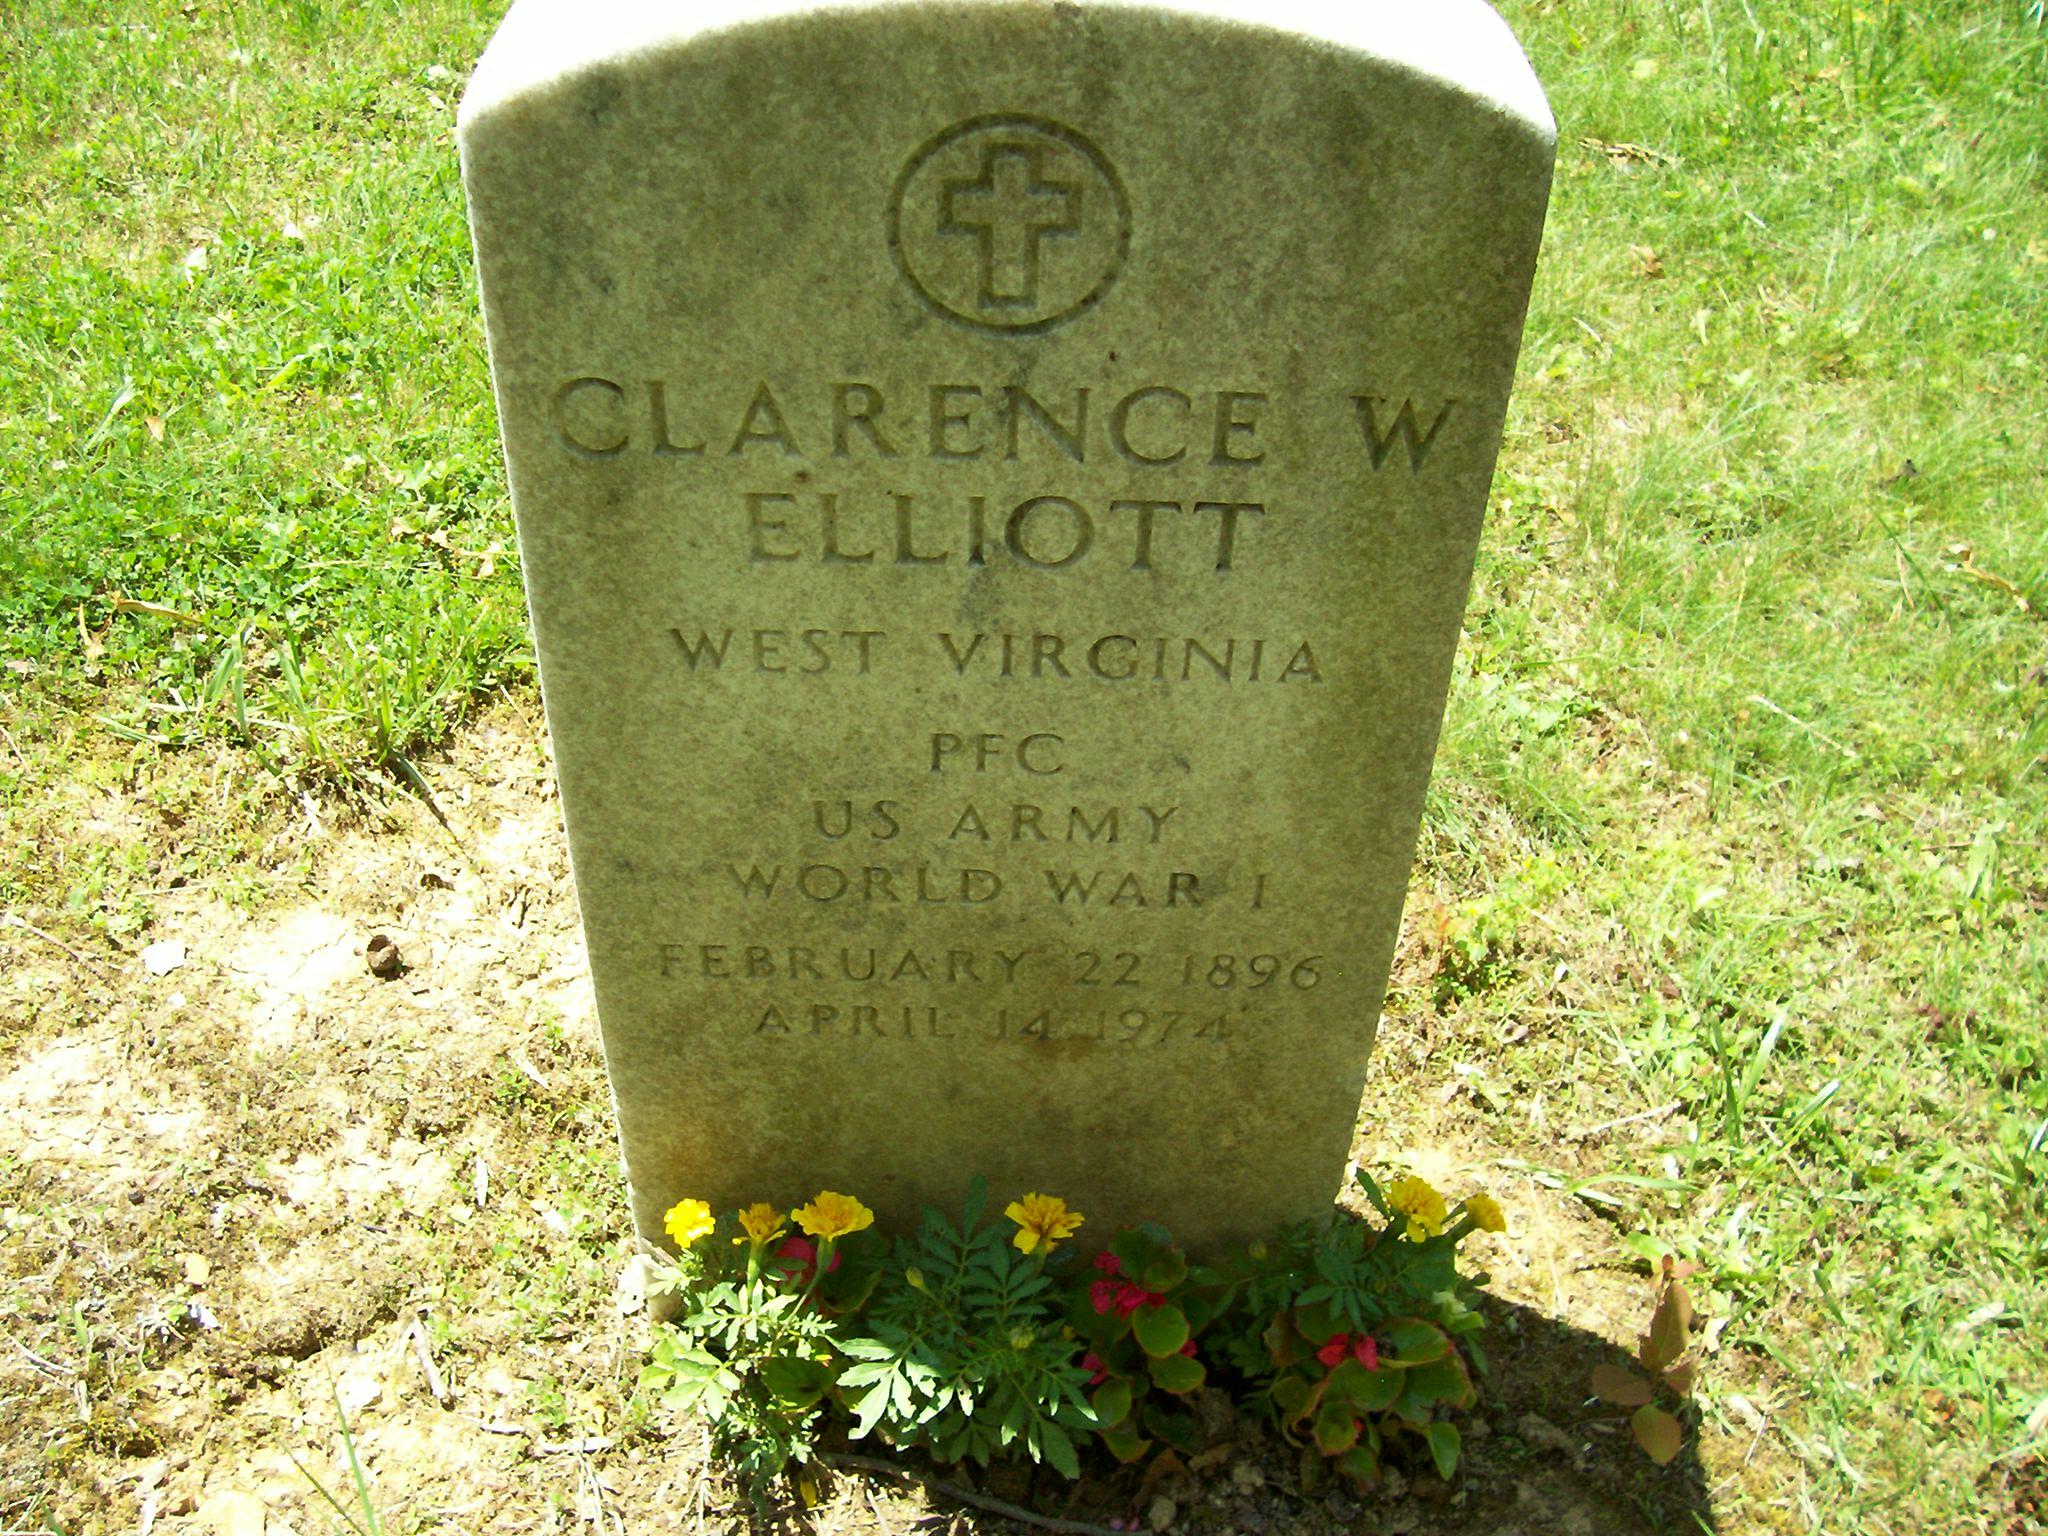 Clarence W Elliott